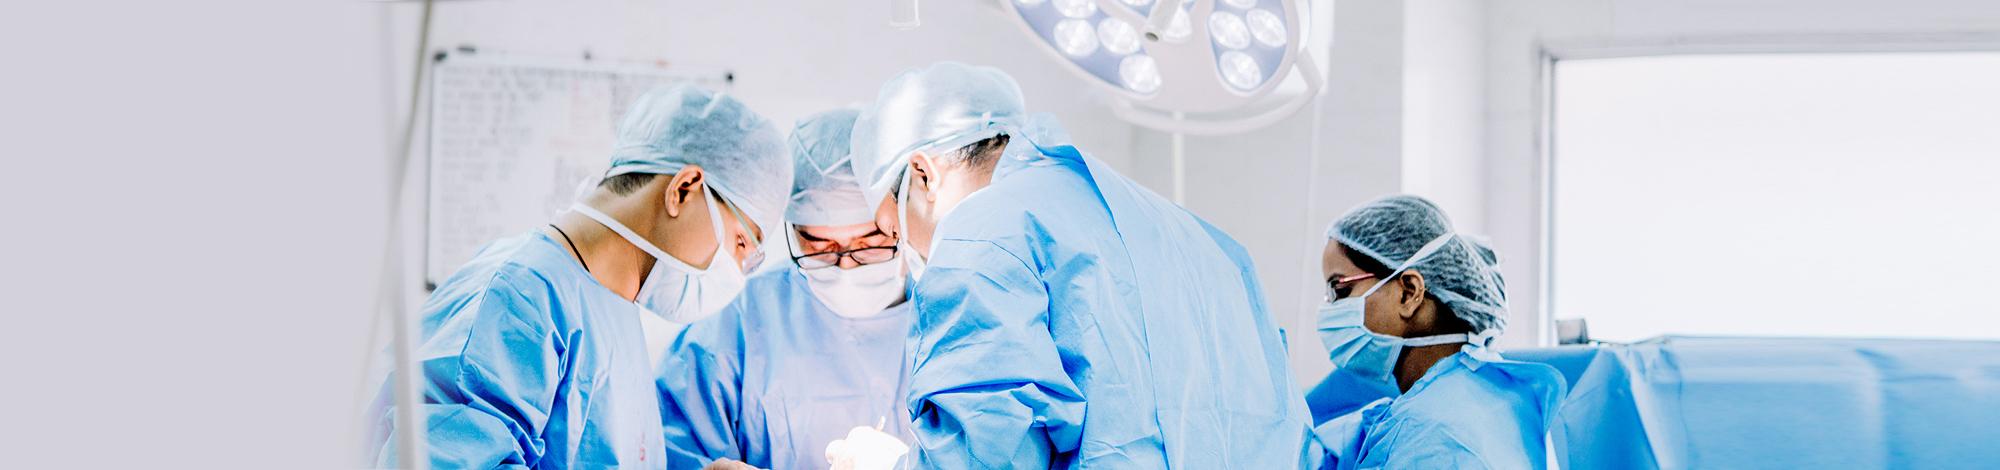 Prostate & Genitourinary Cancer Centre